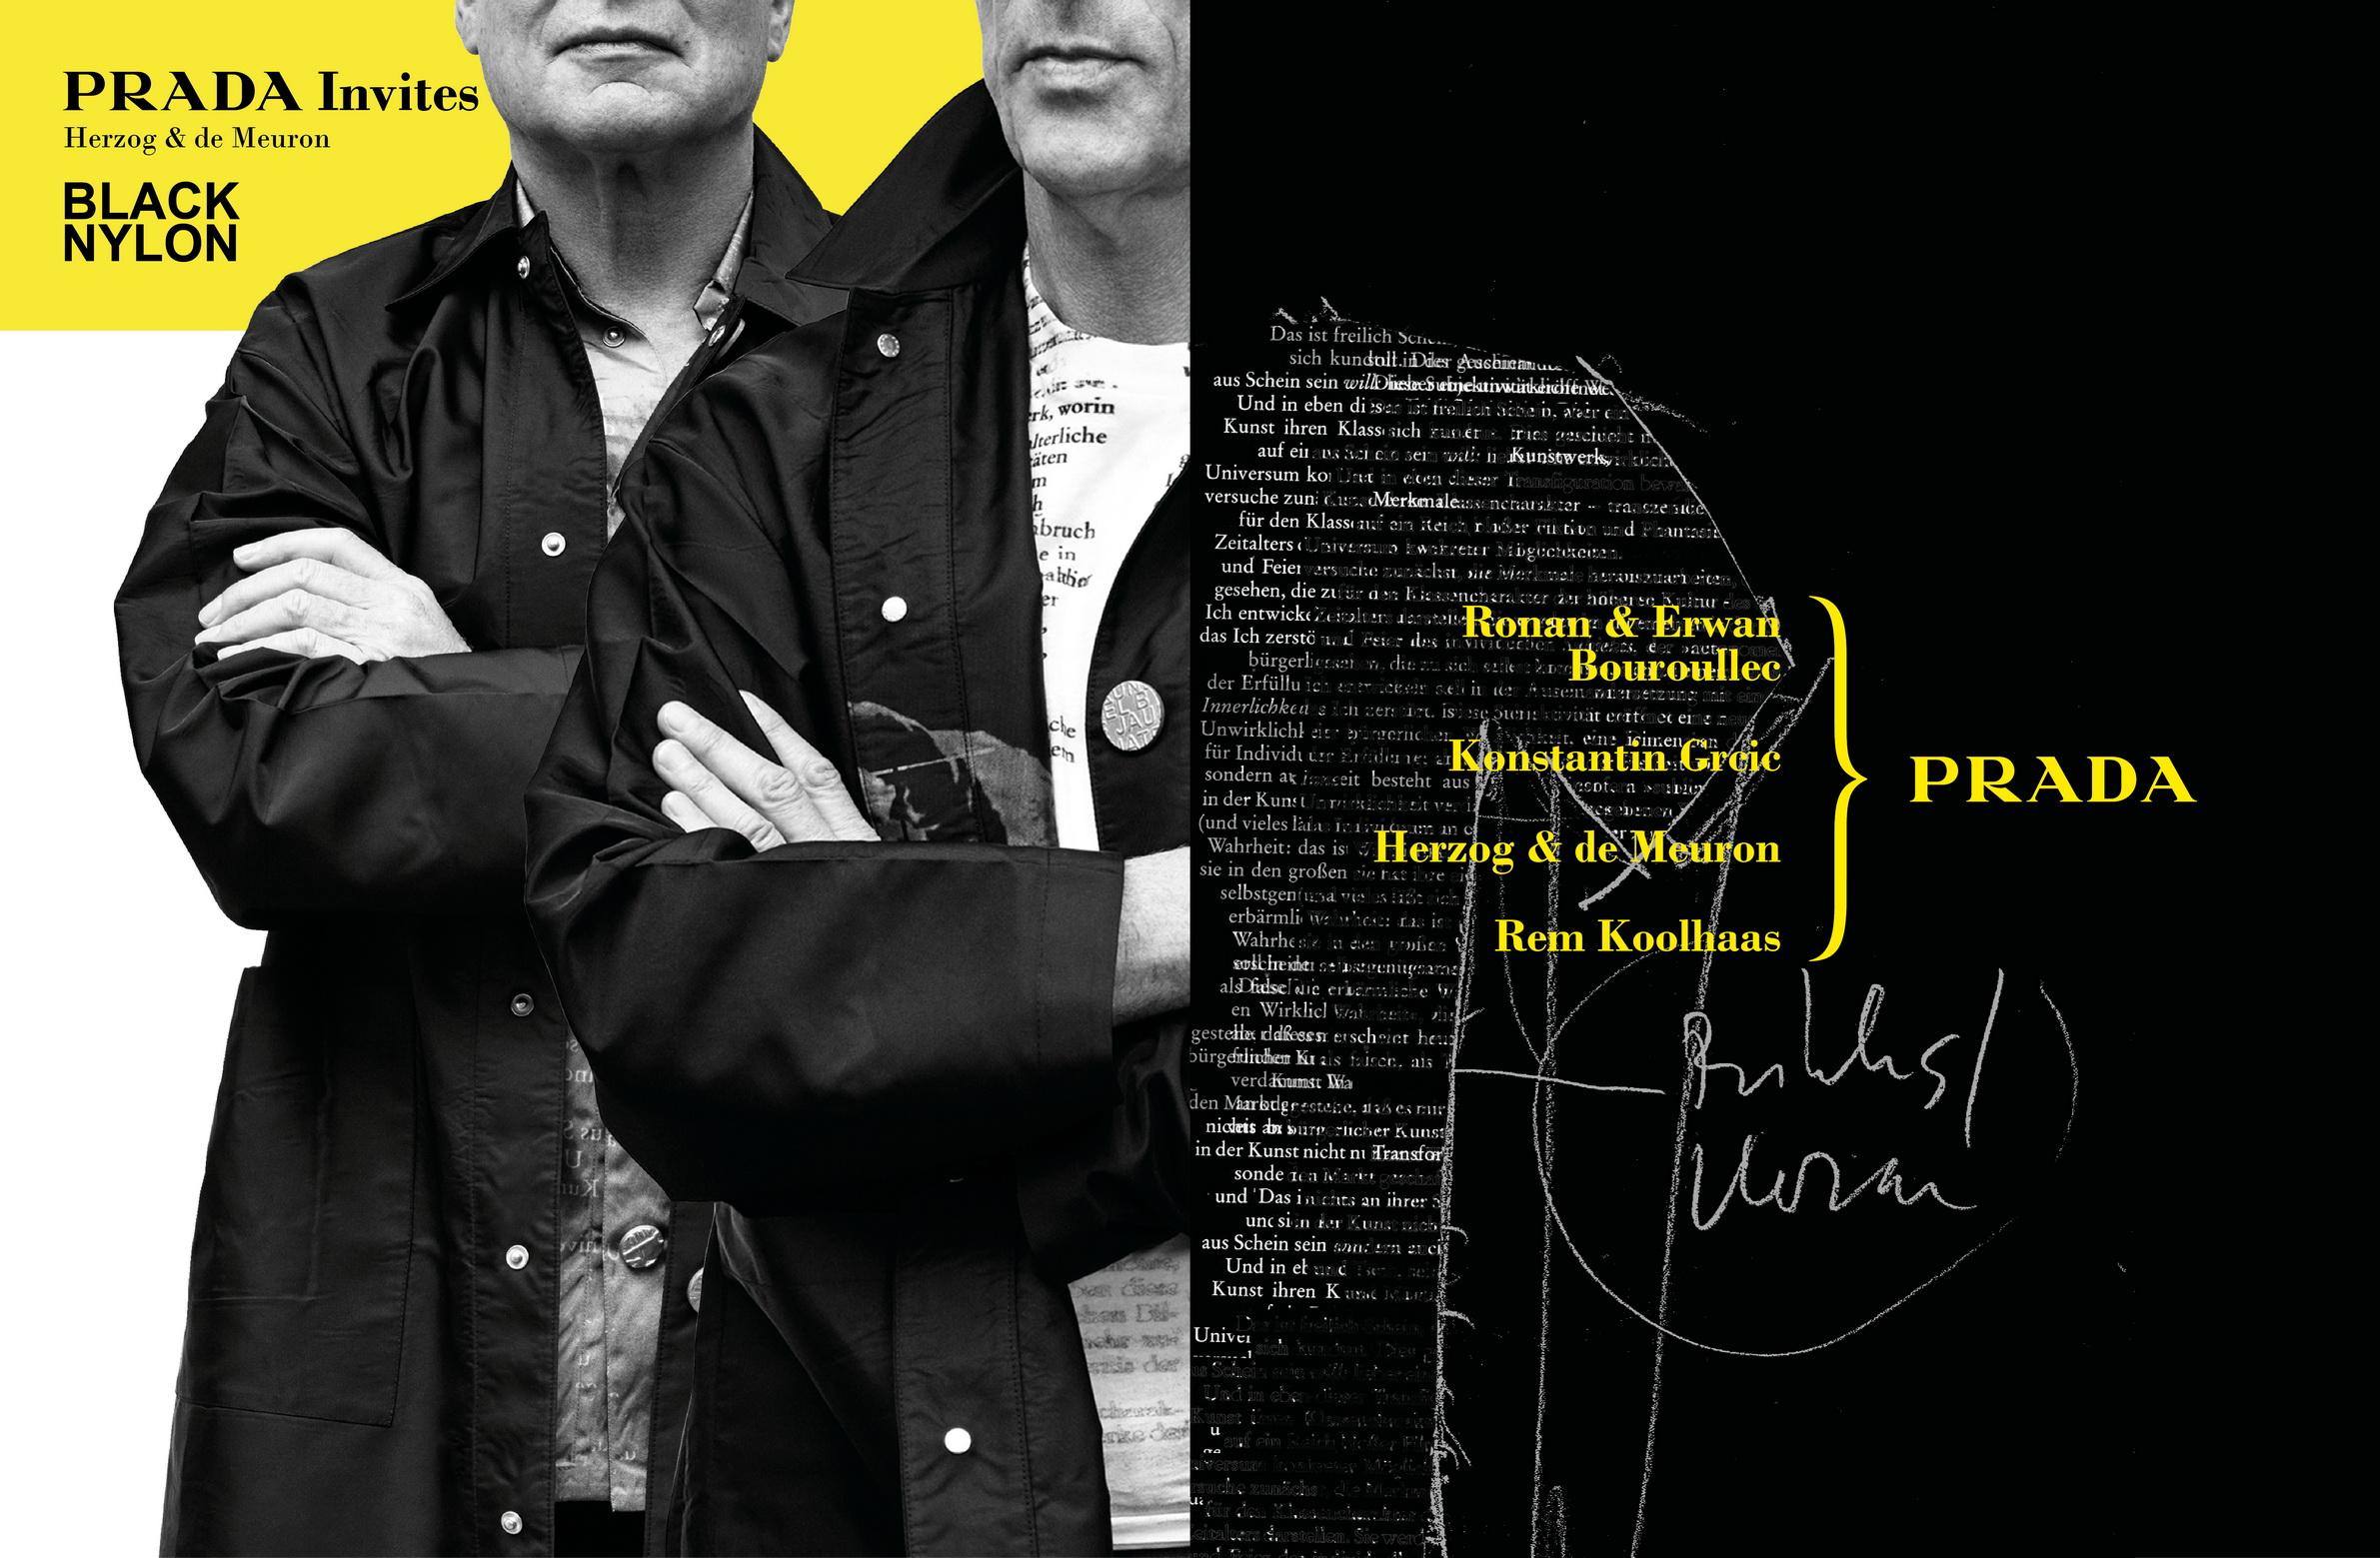 Prada Invites Advertising Campaign_Herzog & de Meuron